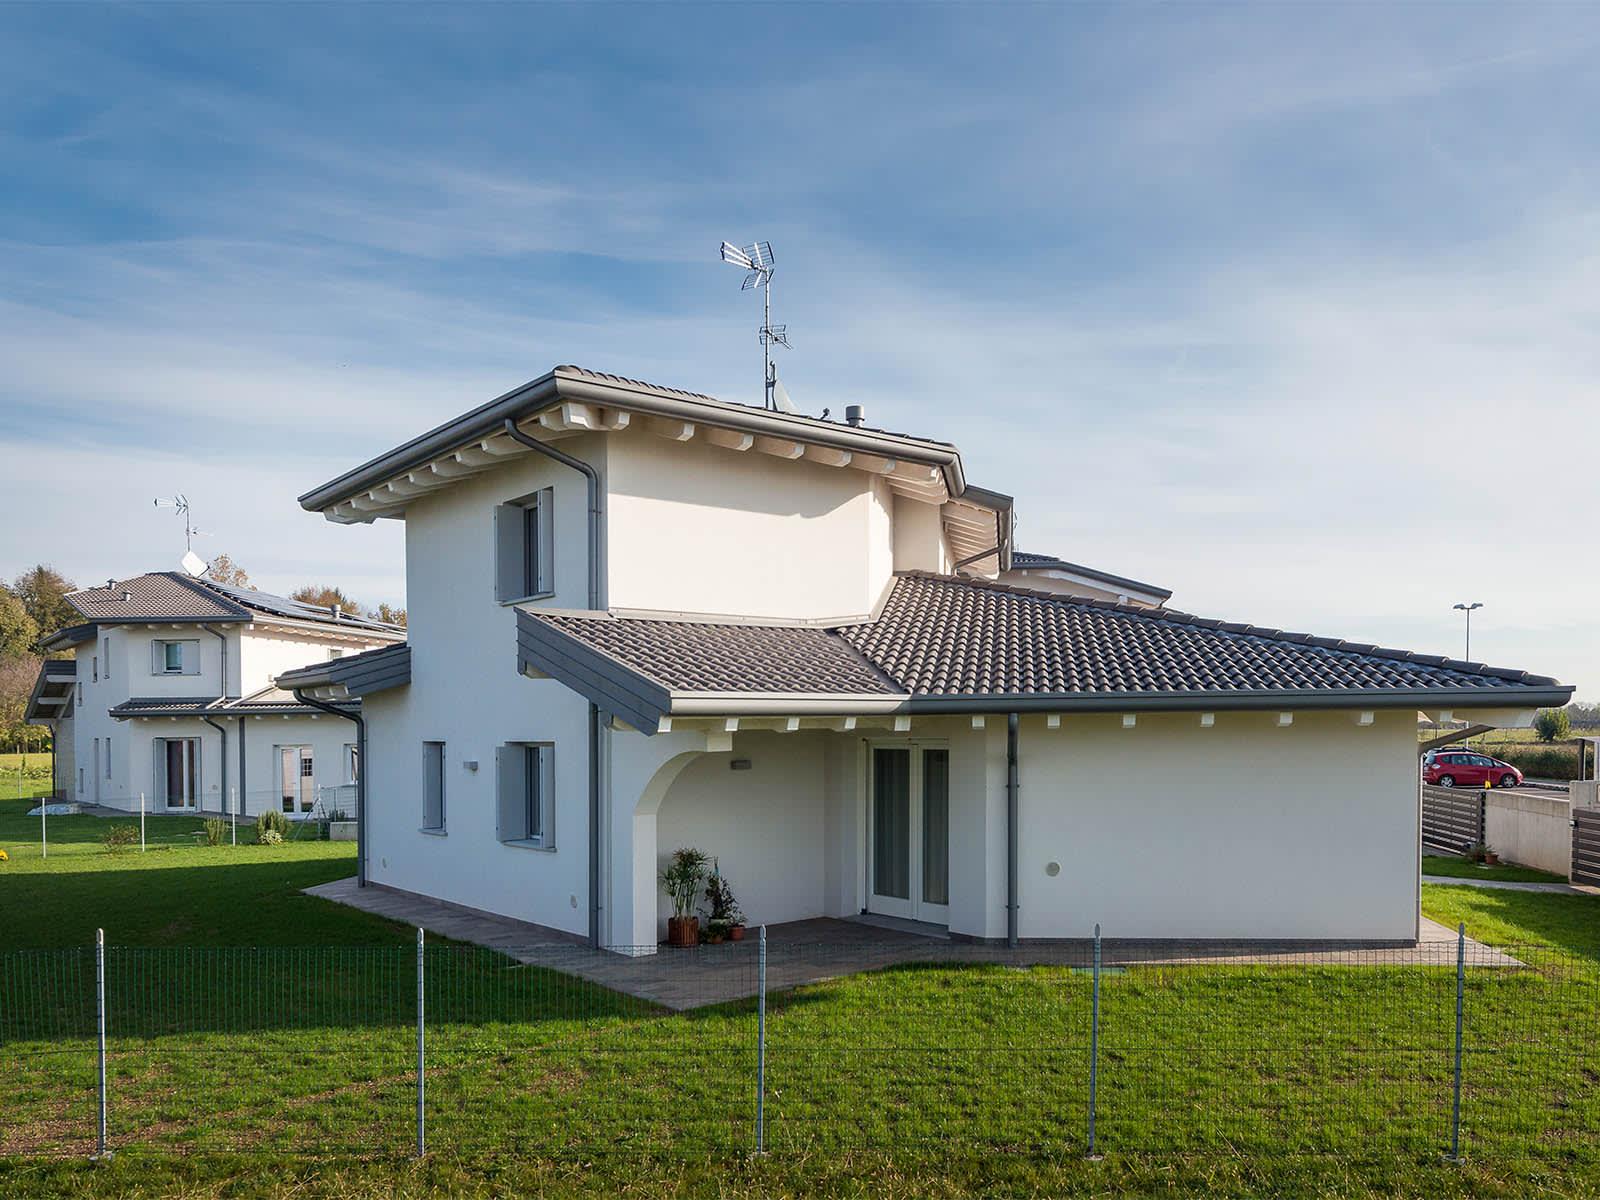 Villa singola in bioedilizia, ad alta efficienza energetica, con ampi spazi esterni e ottimo orientamento.